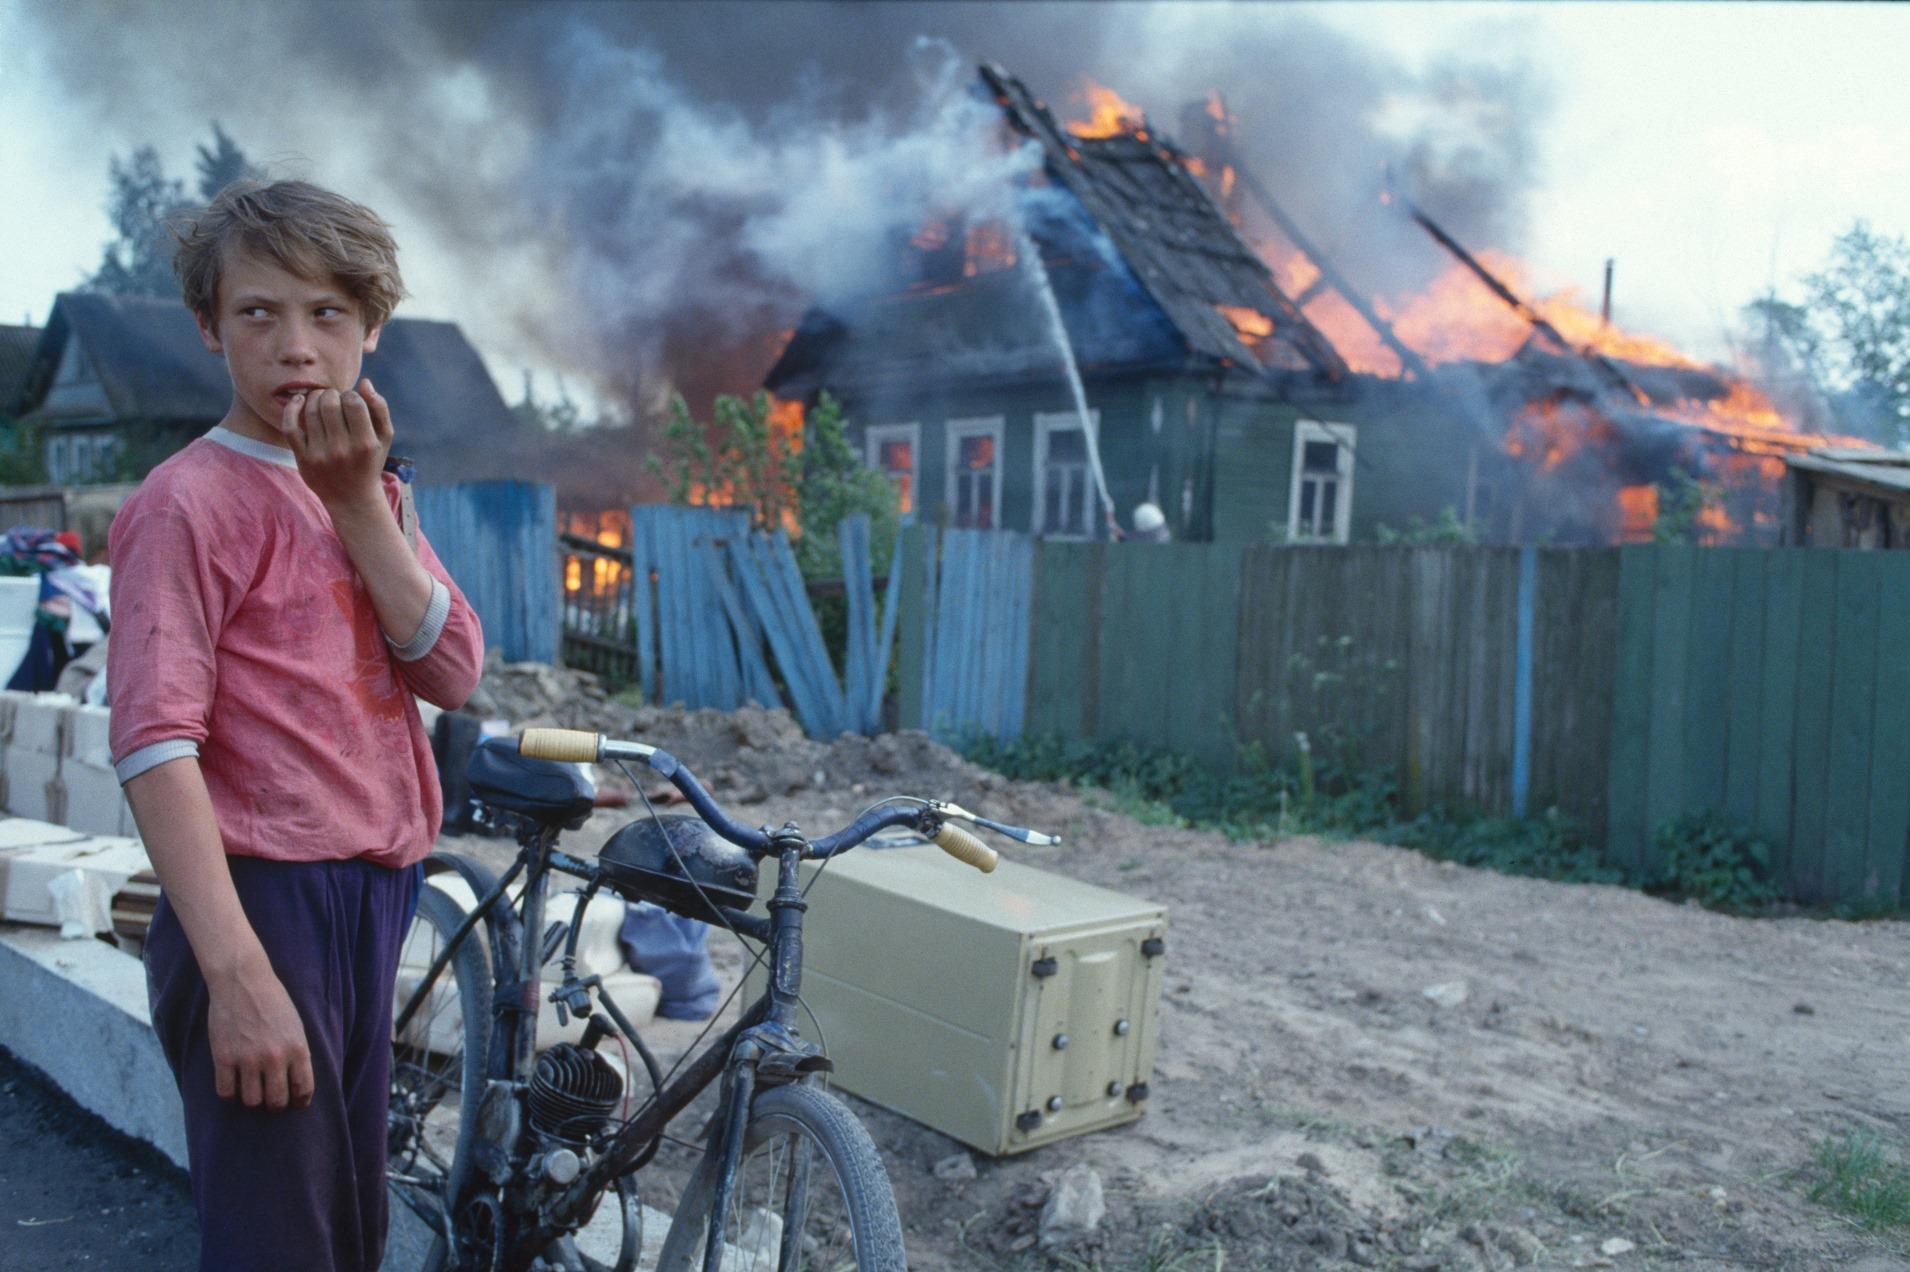 Axel Schön, Ohne Titel, aus der Serie: Feuer, Novgorod, 1993 © Courtesy Axel Schön